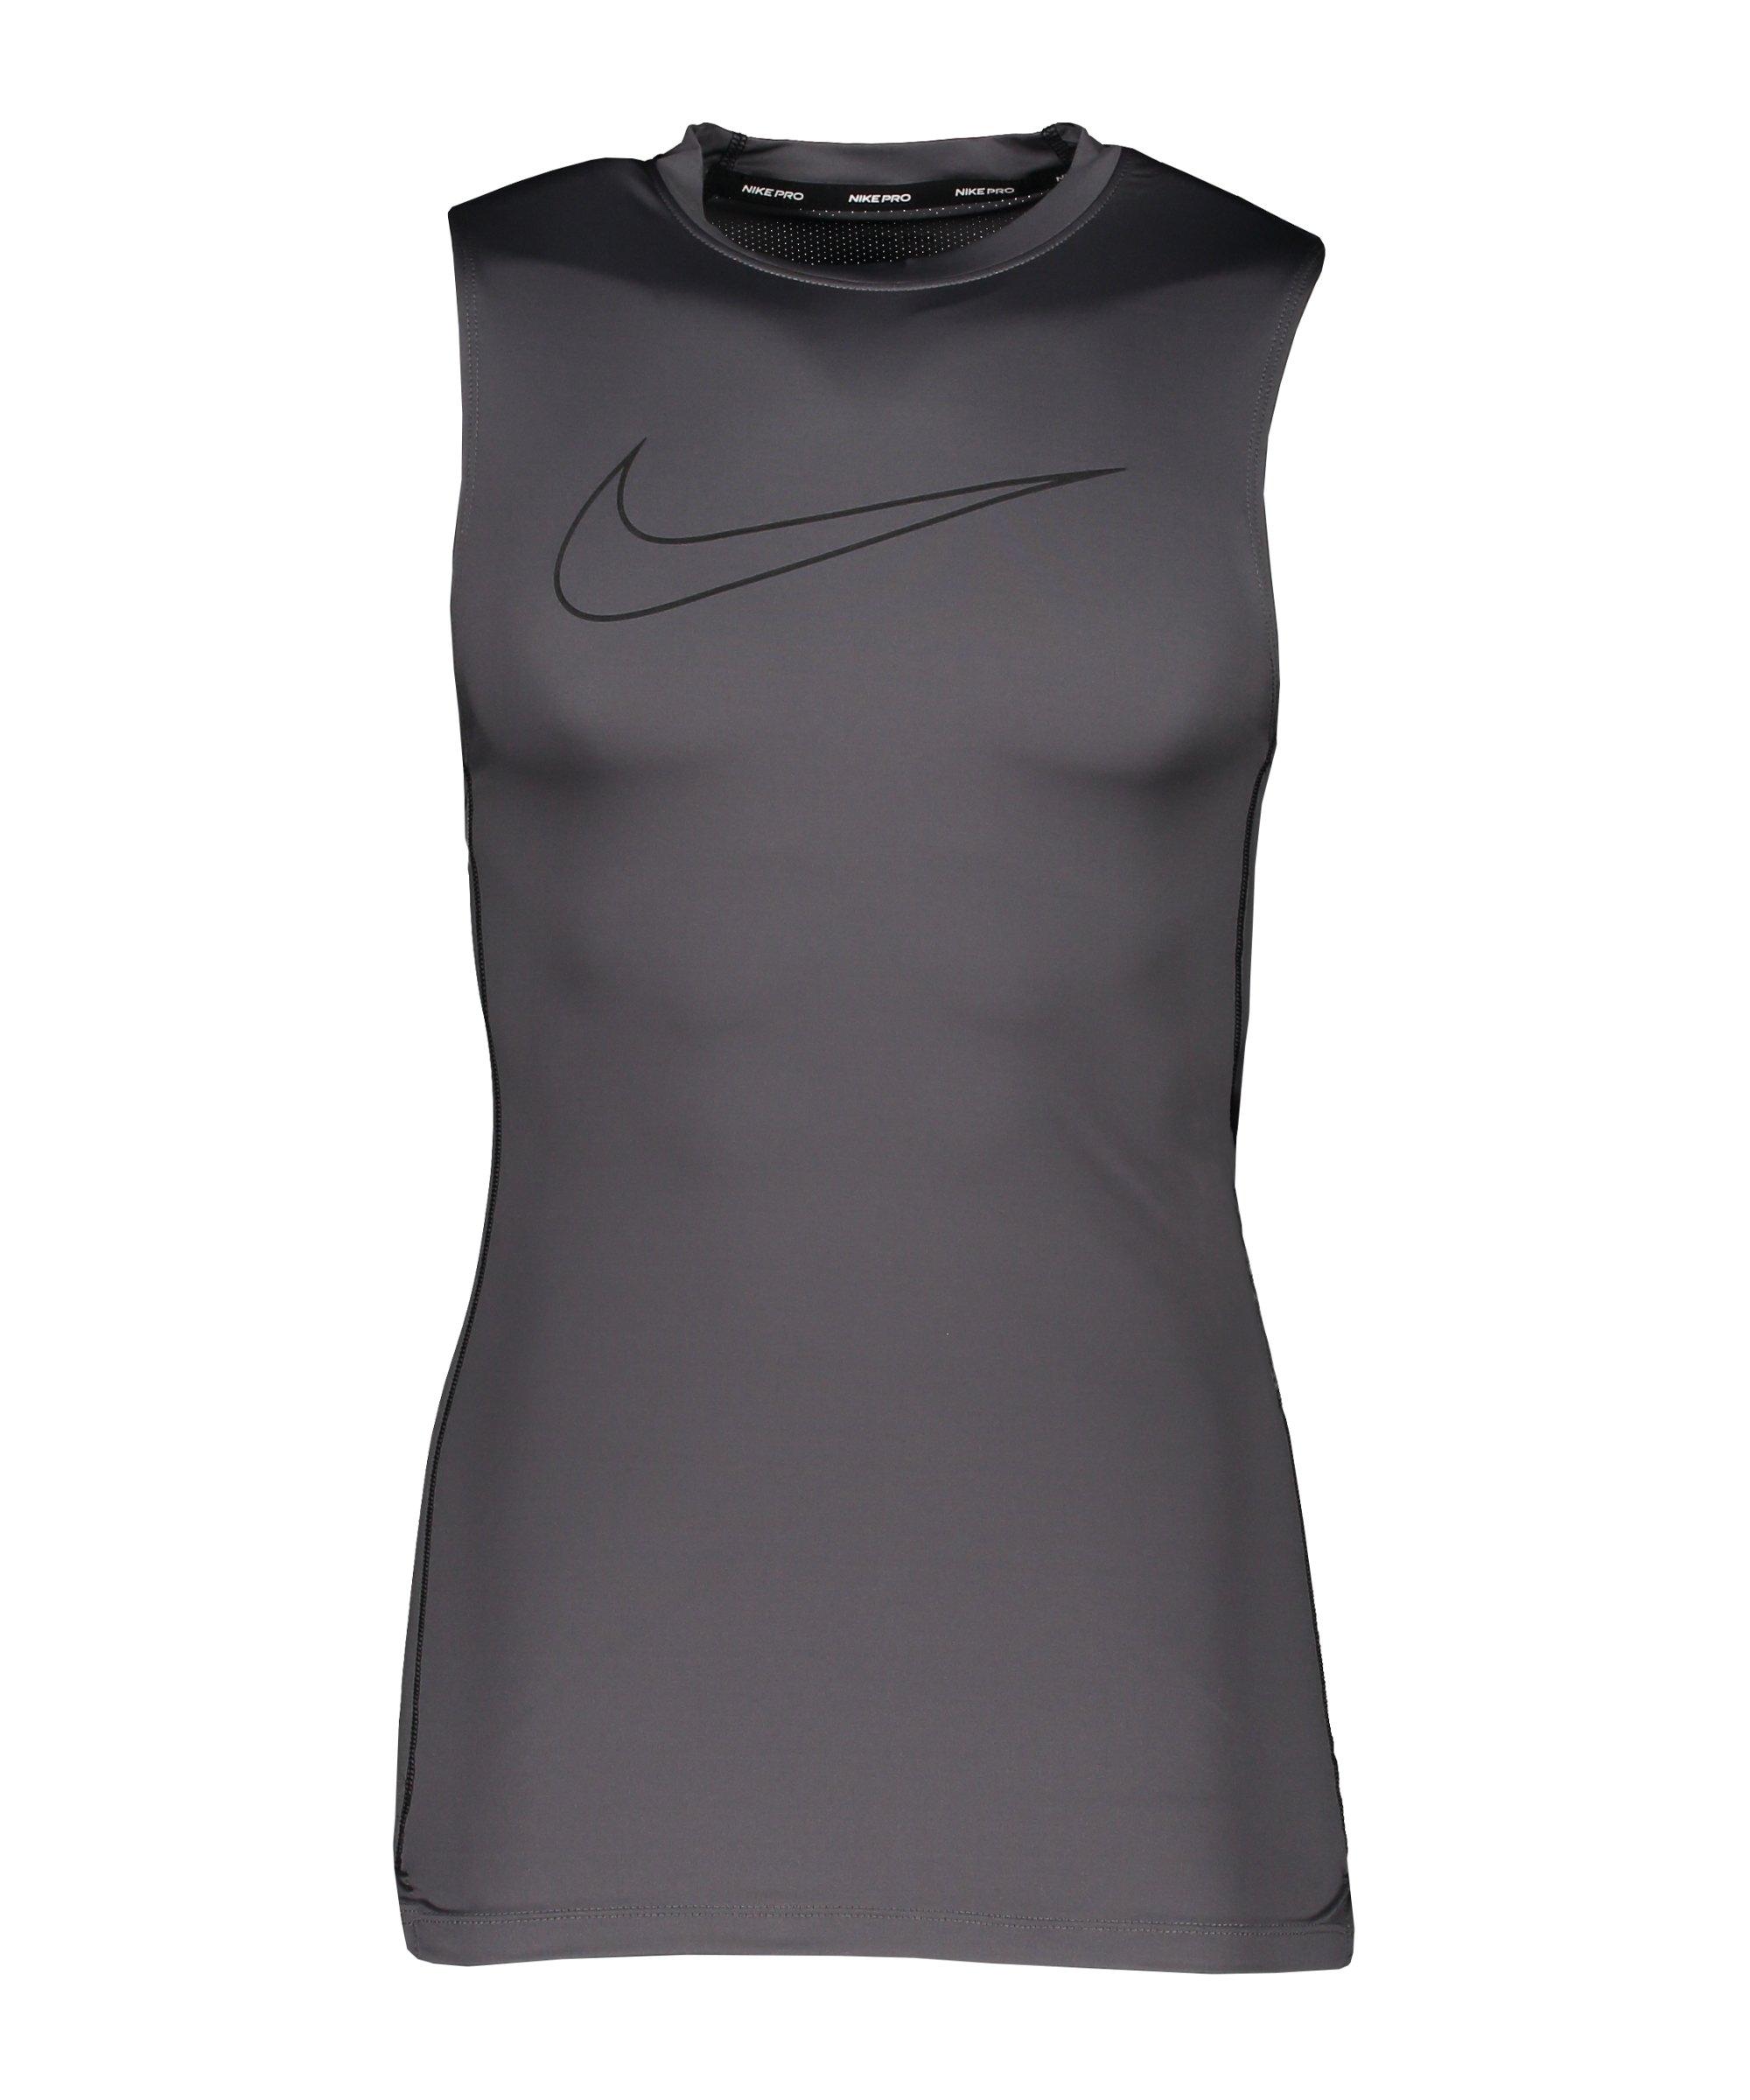 Nike Pro Tight-Fit Tanktop Grau Schwarz F068 - grau